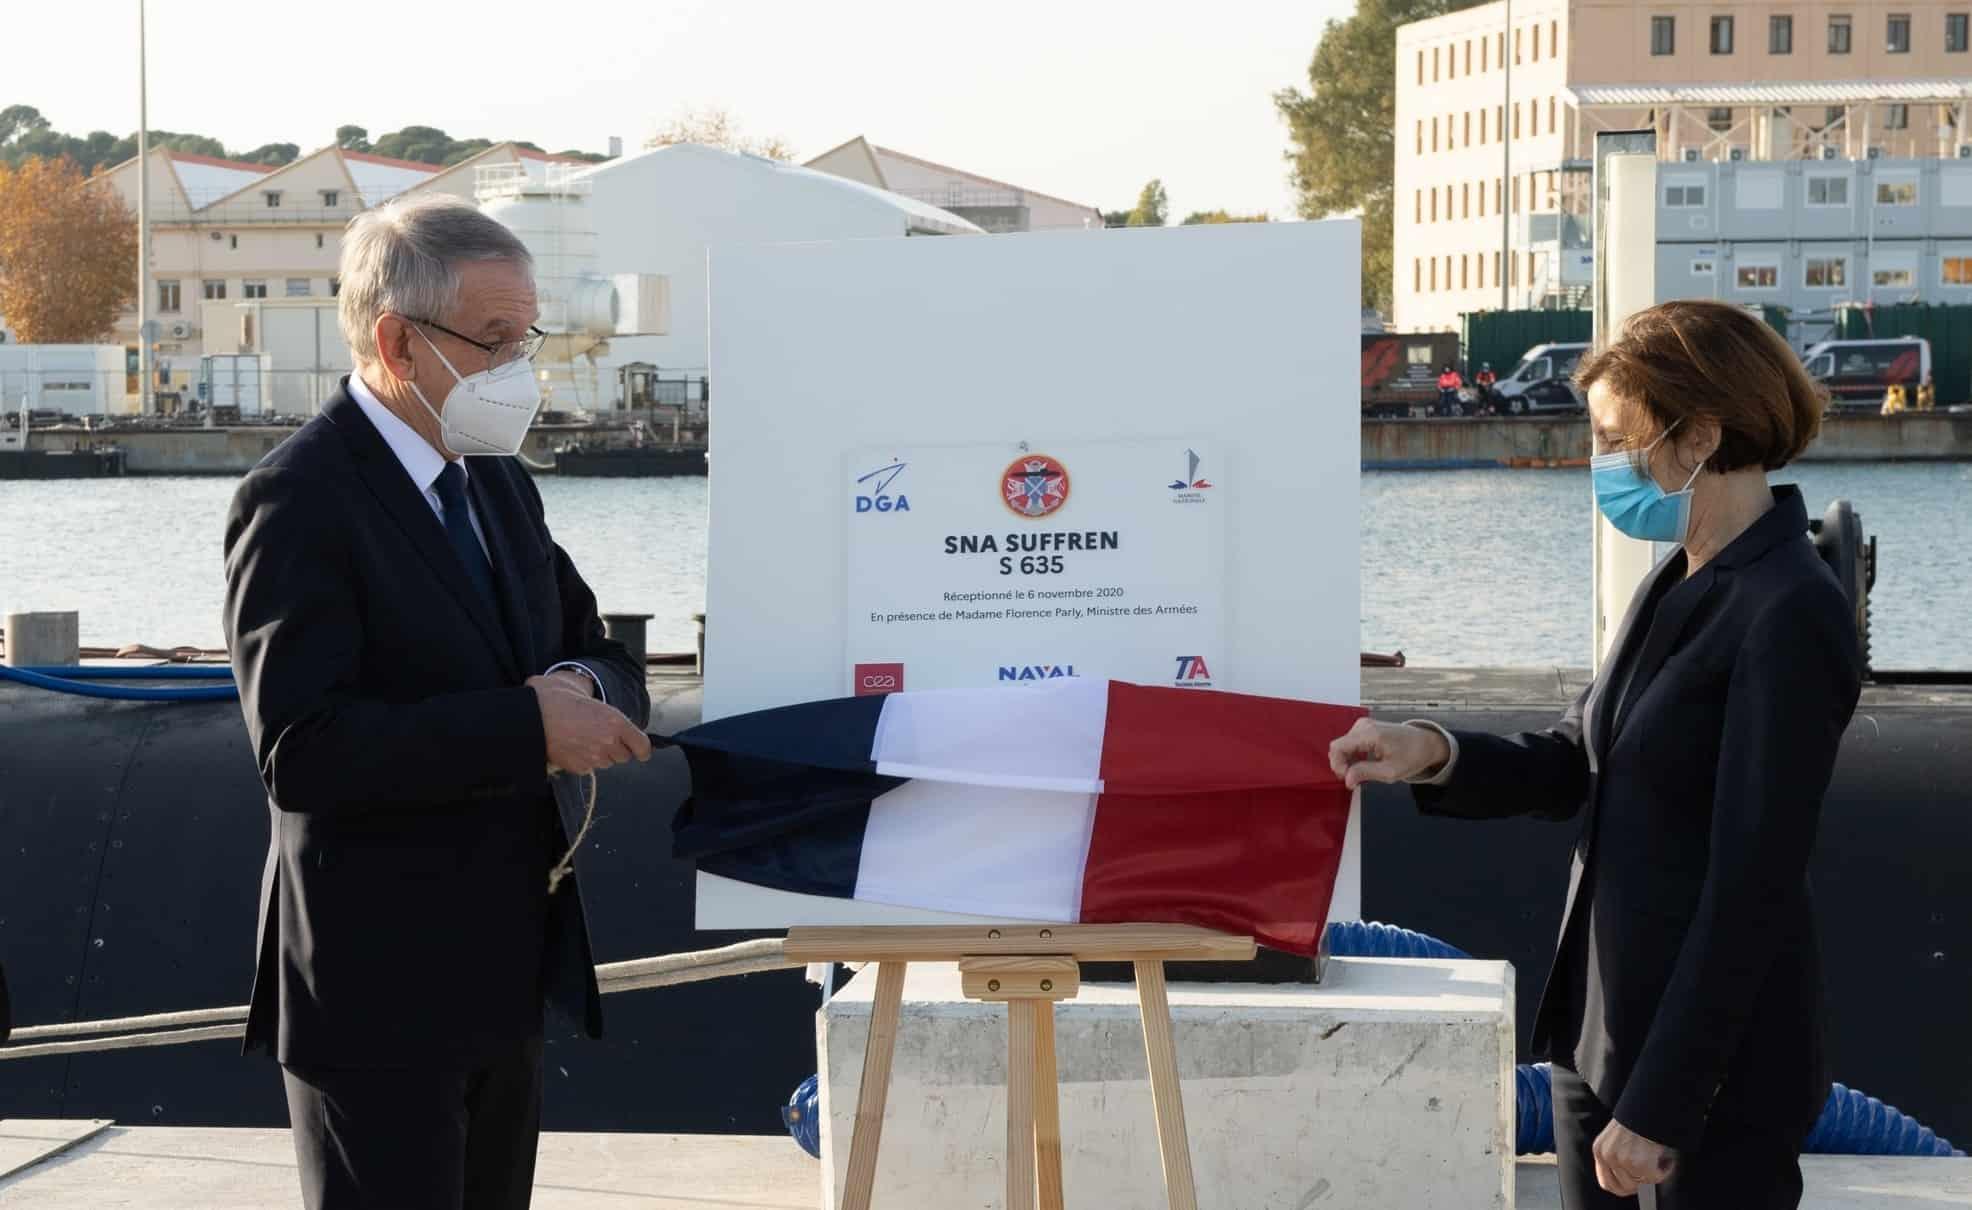 Офіційна церемонія передачі Suffren ВМС Франції. Листопад 2020. Фото: МО Франції